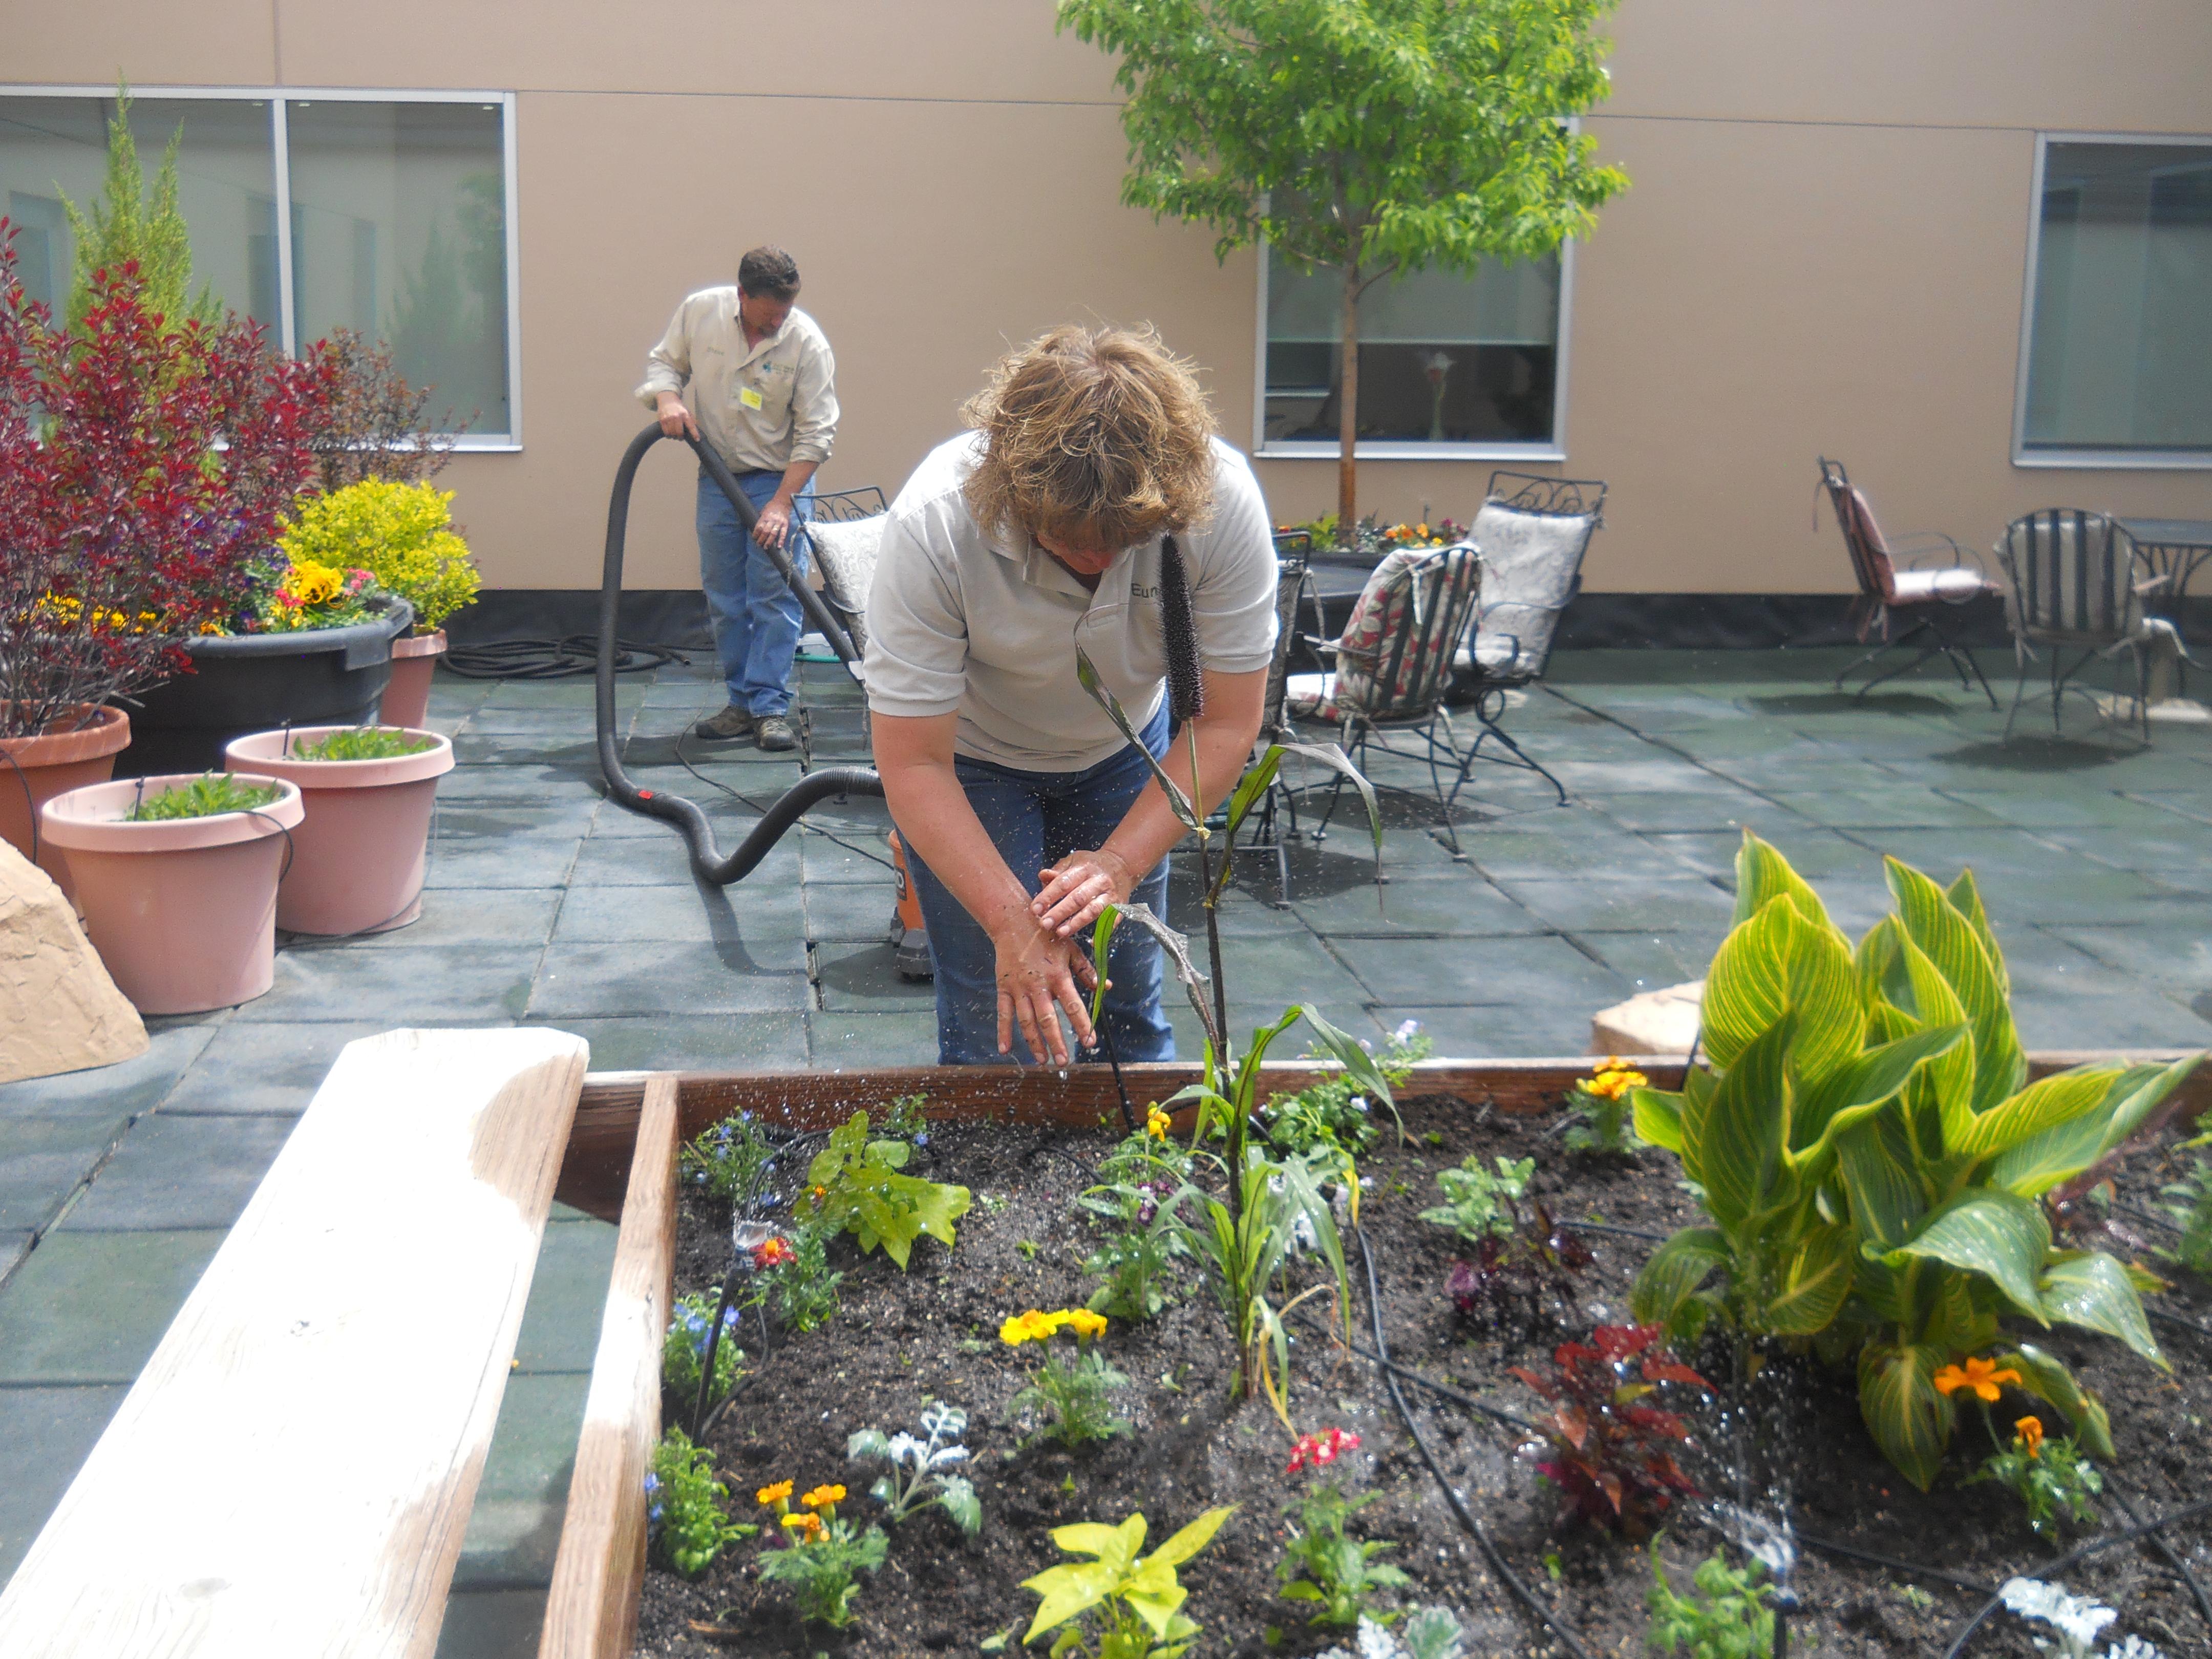 yard cleanup s u0026e wards landscape management